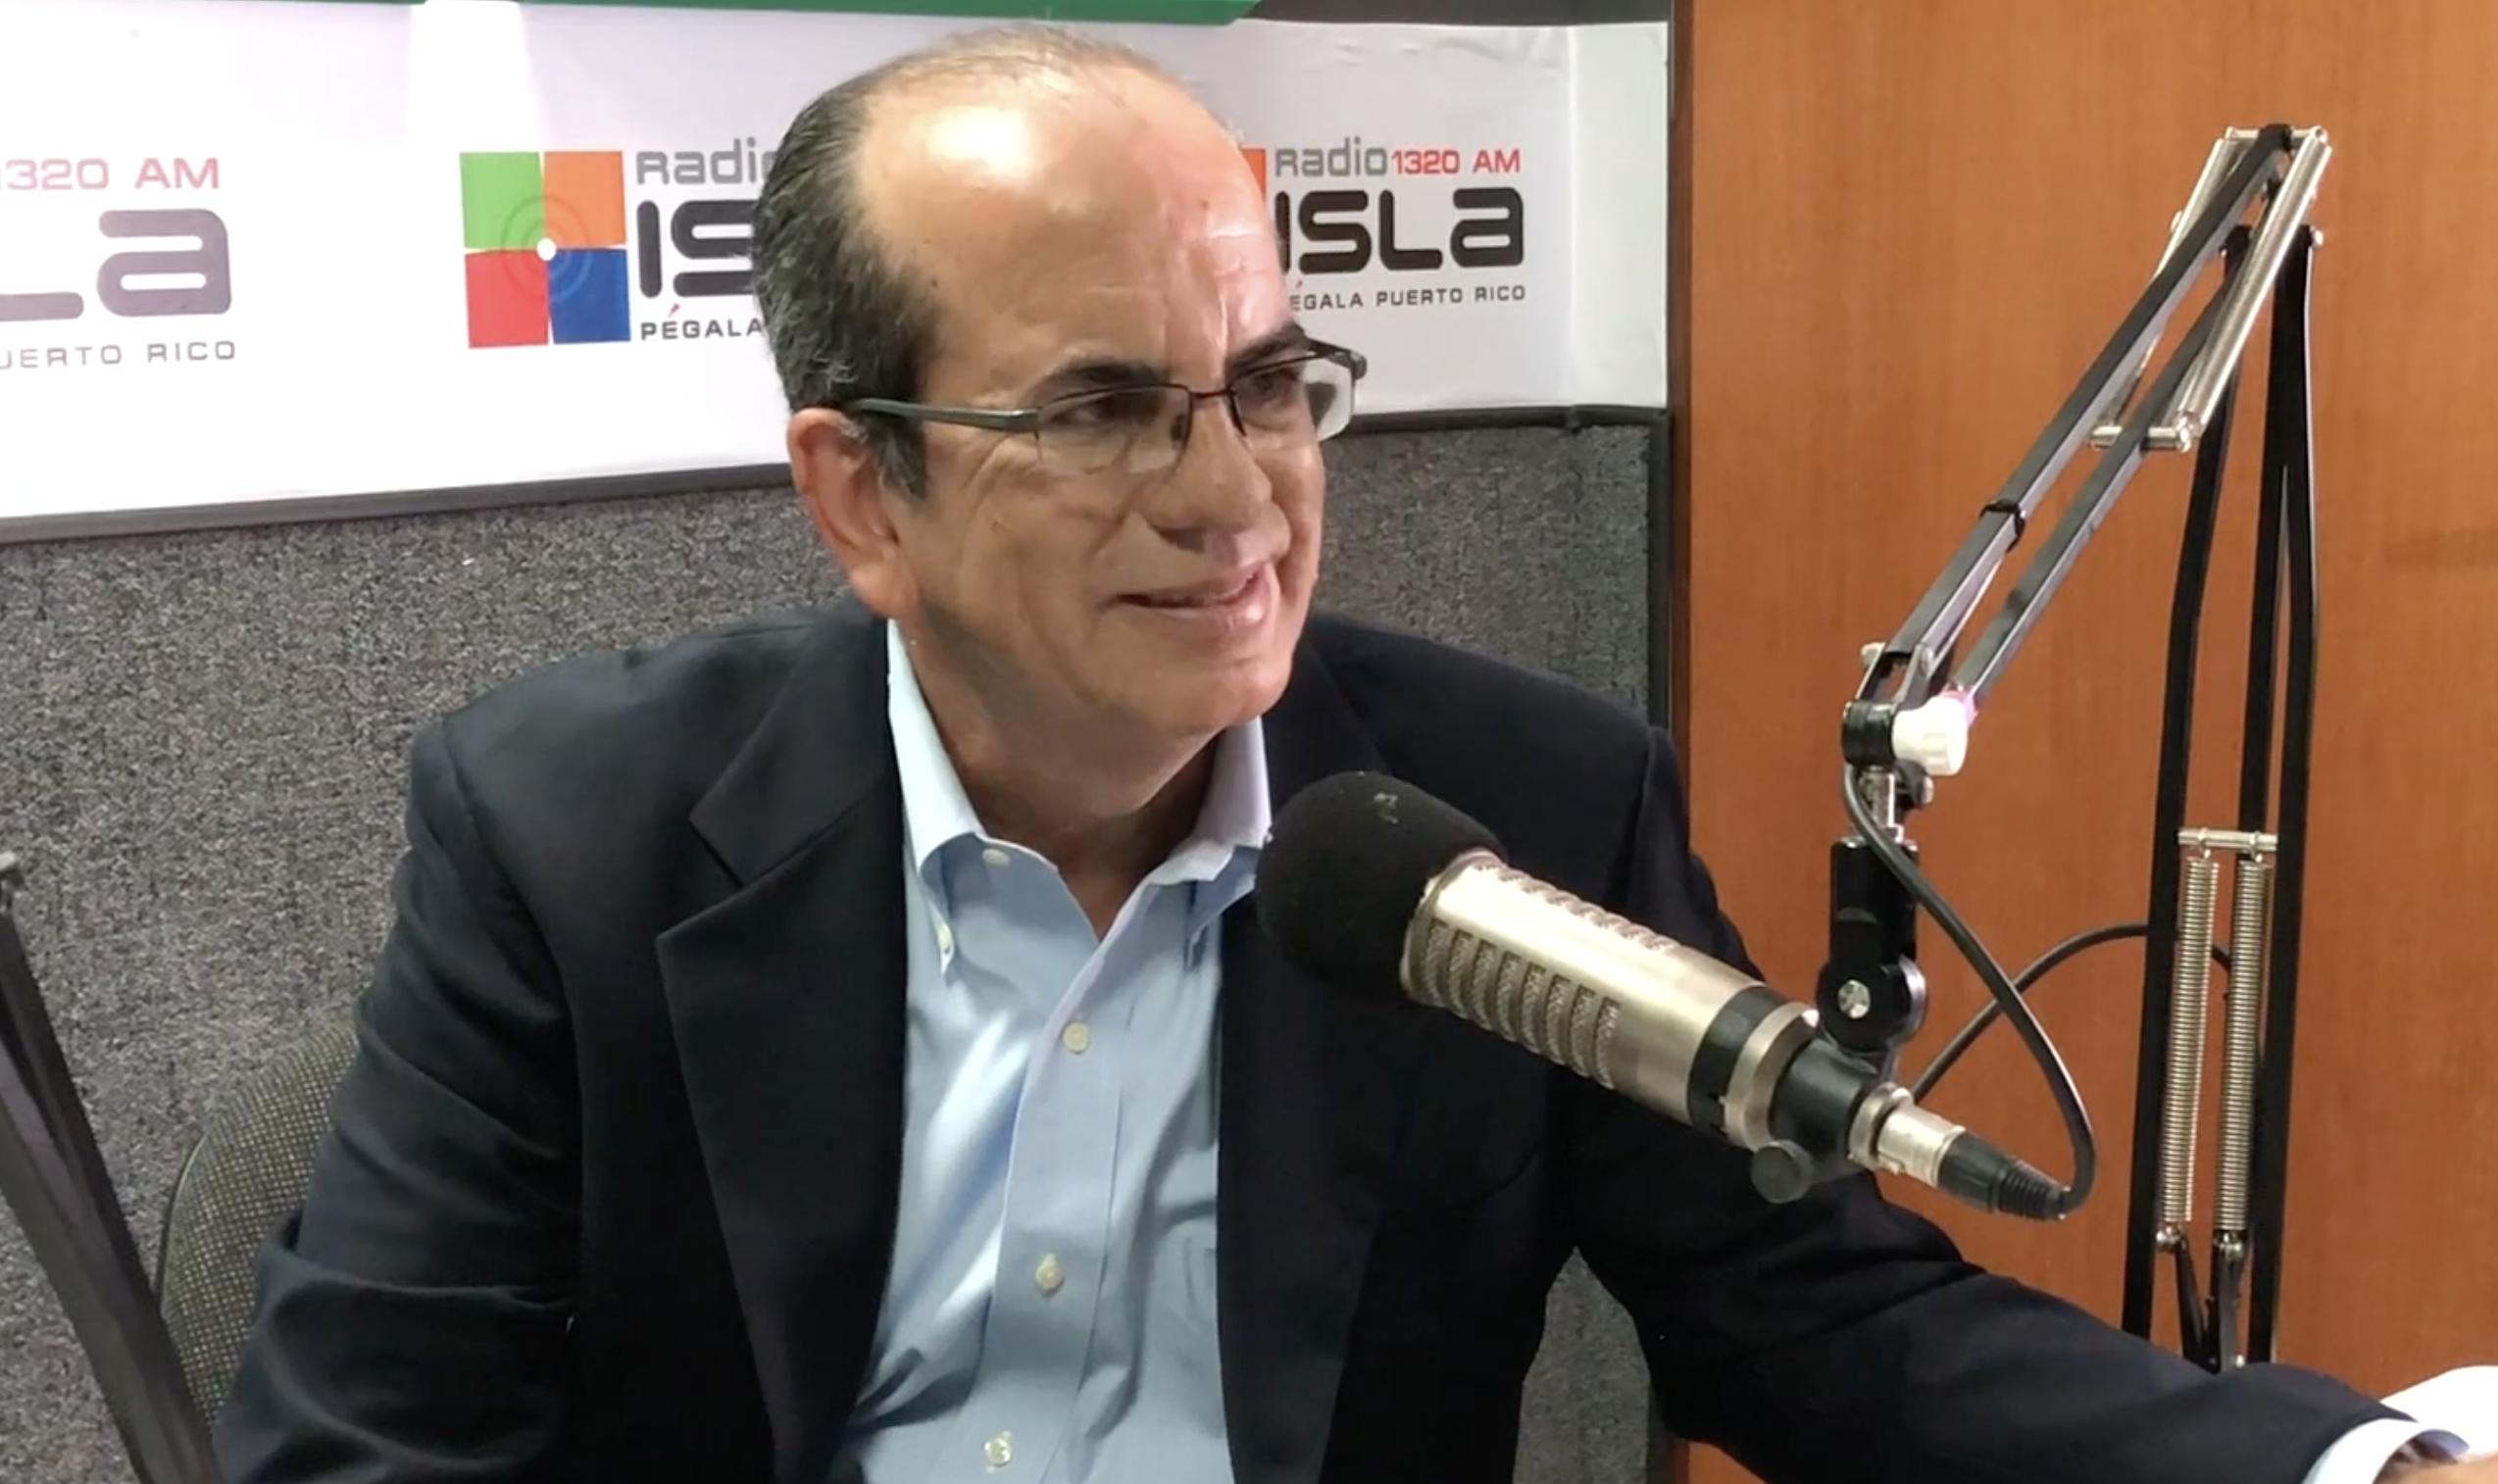 Acevedo Vilá Convoca Operación Limpieza Profunda En La Pava Radio